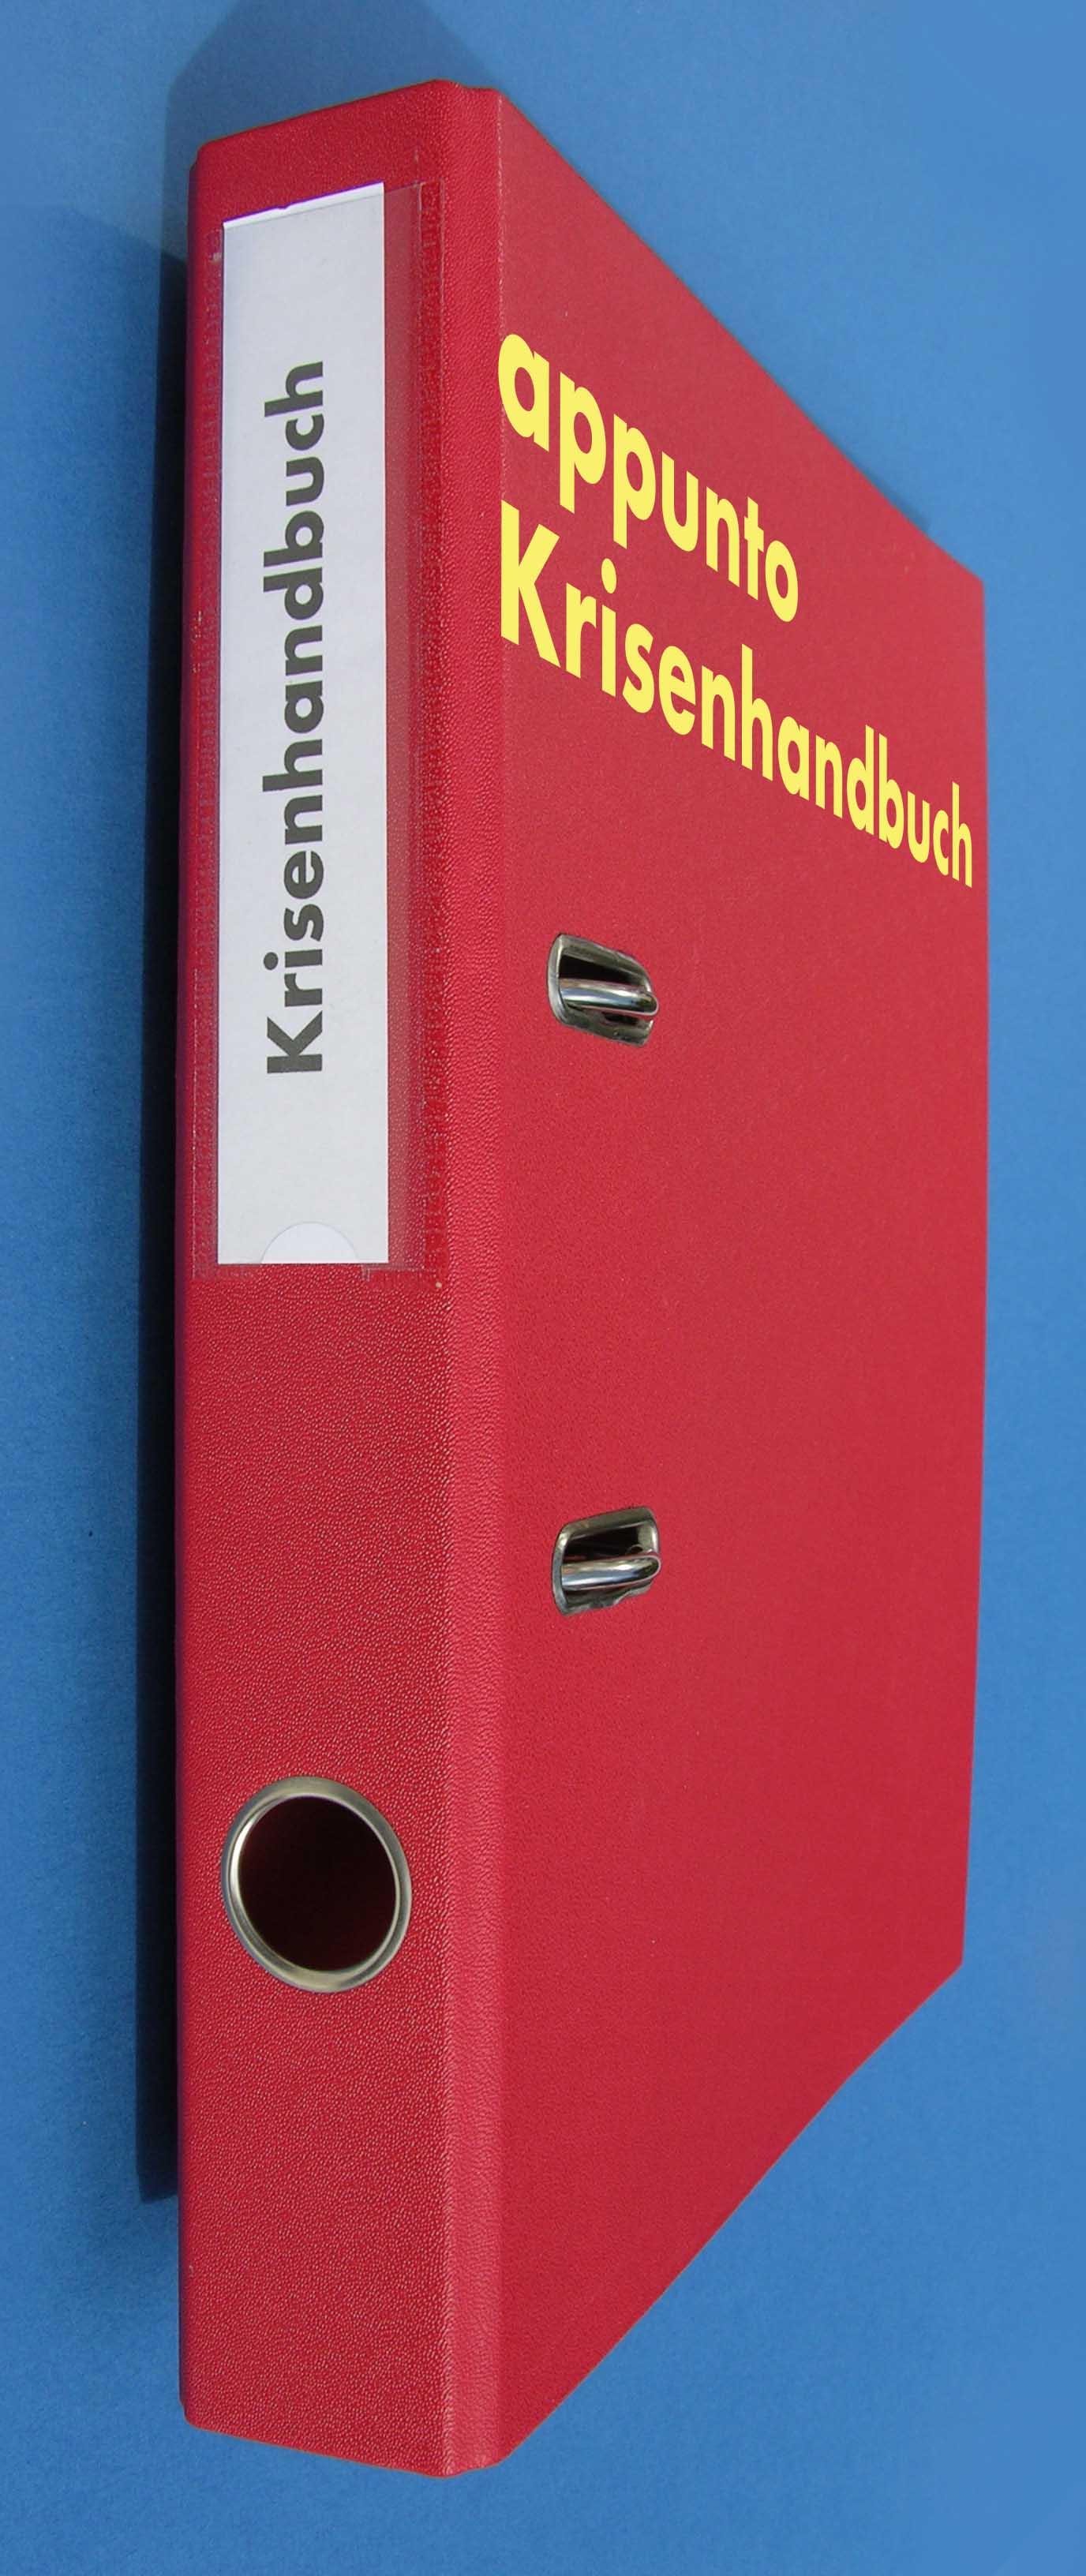 appunto - Ein massgeschneidertes Krisenhandbuch, Krisenmanual